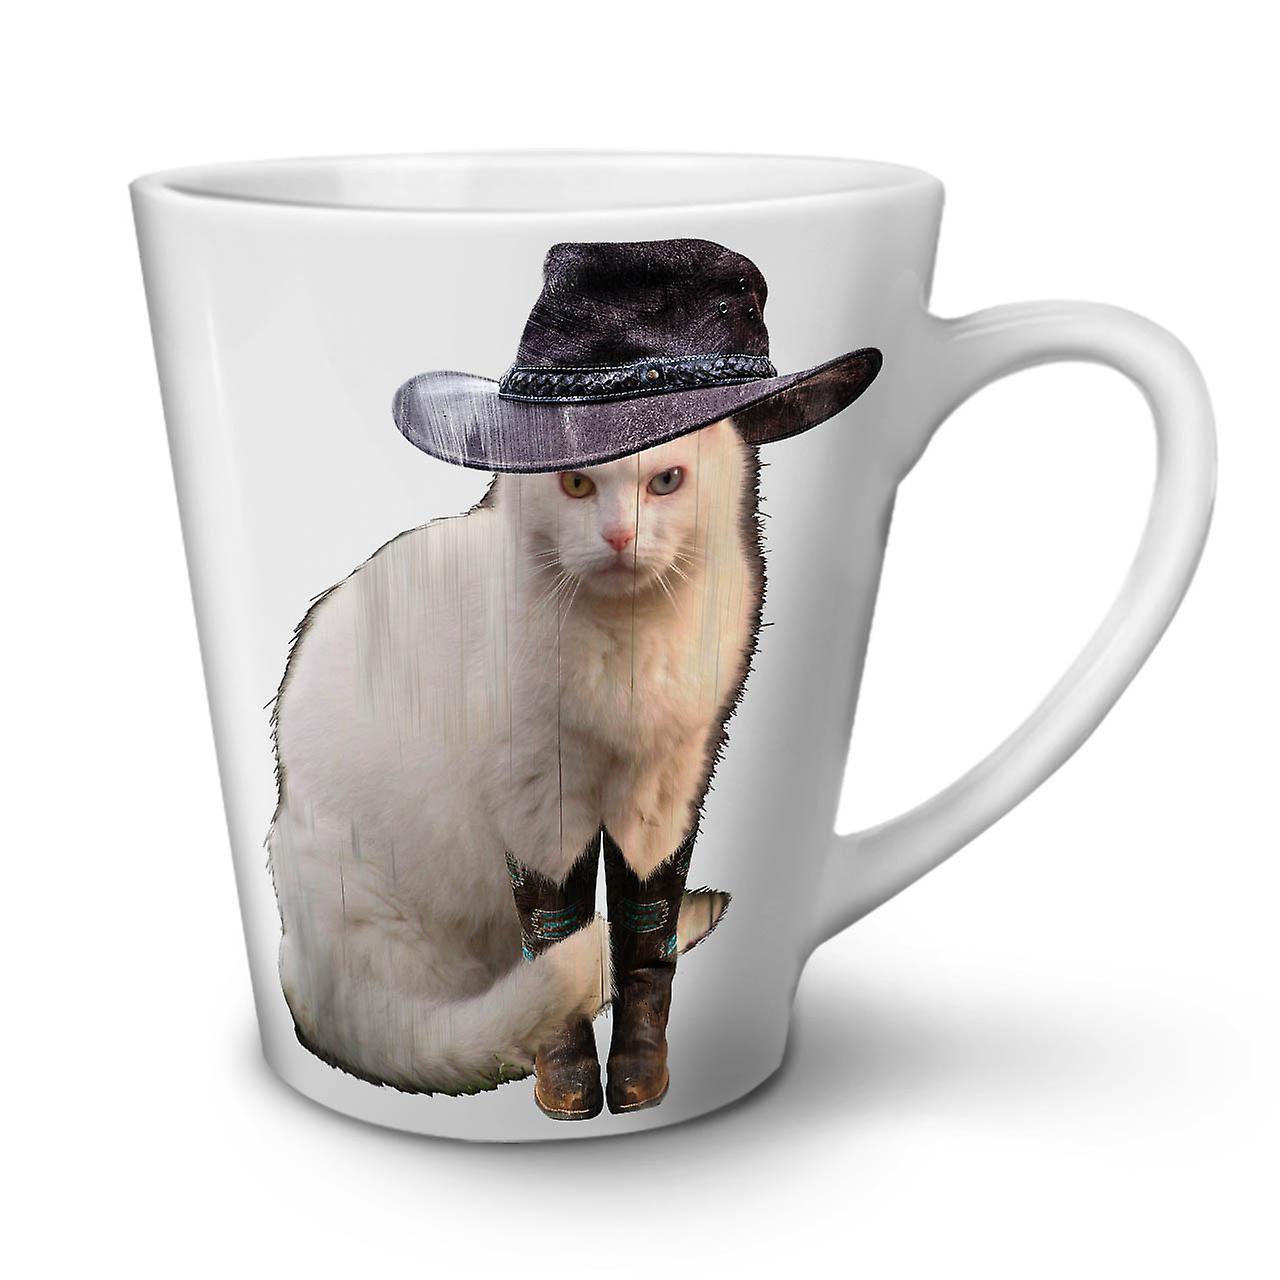 De Café Chapeau Chat Blanc 12 OzWellcoda Céramique Mister Nouveau Mignon Mug Latte En Thé vN8n0wmyPO